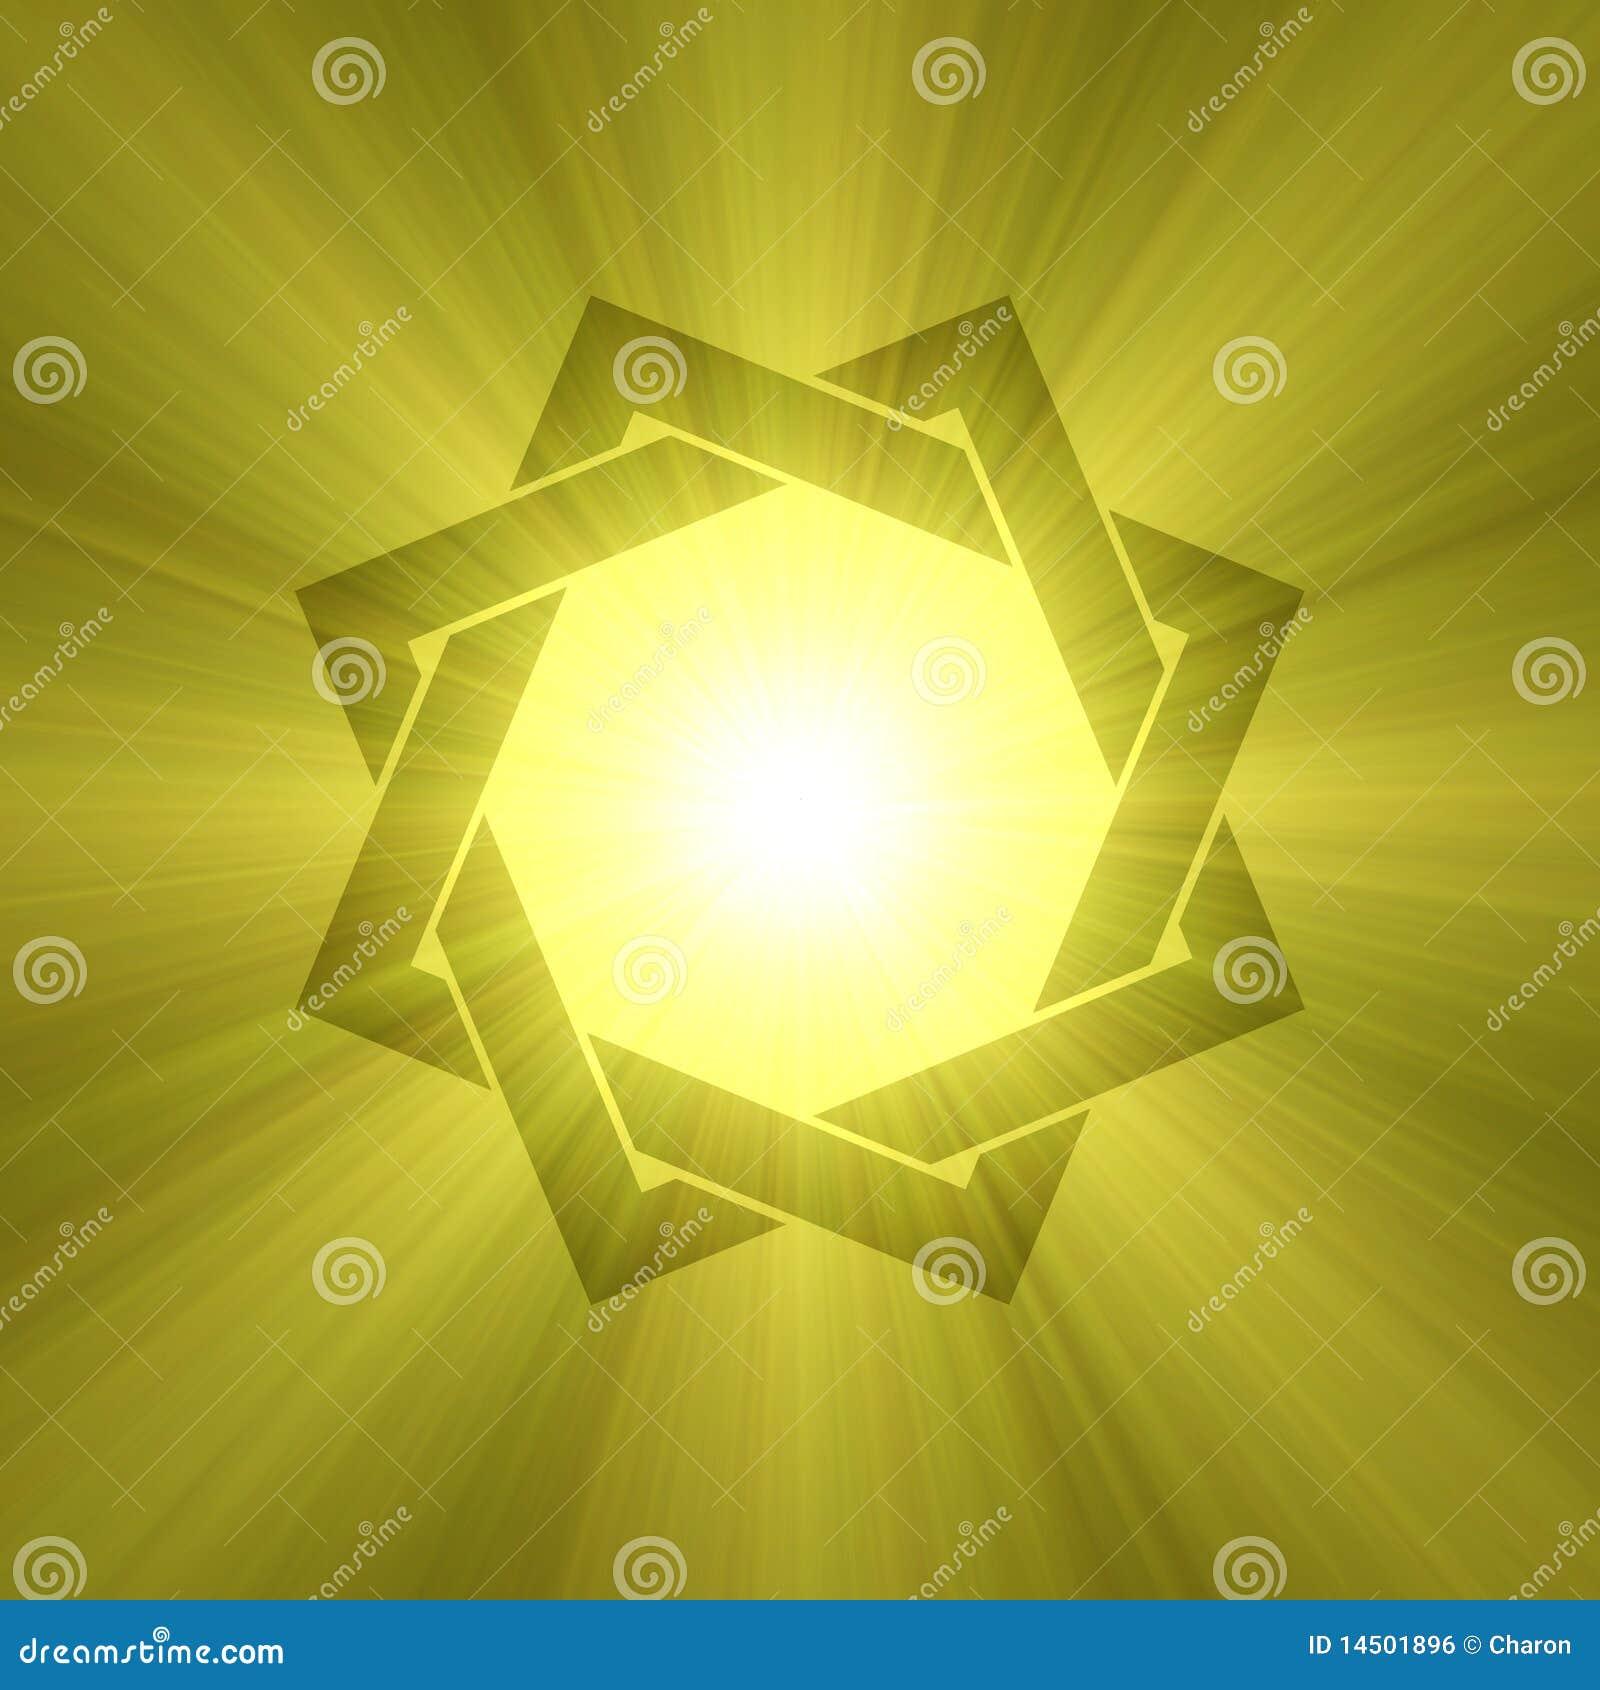 Panouissement De Lumi Re Du Soleil De Symbole D 39 Toile De